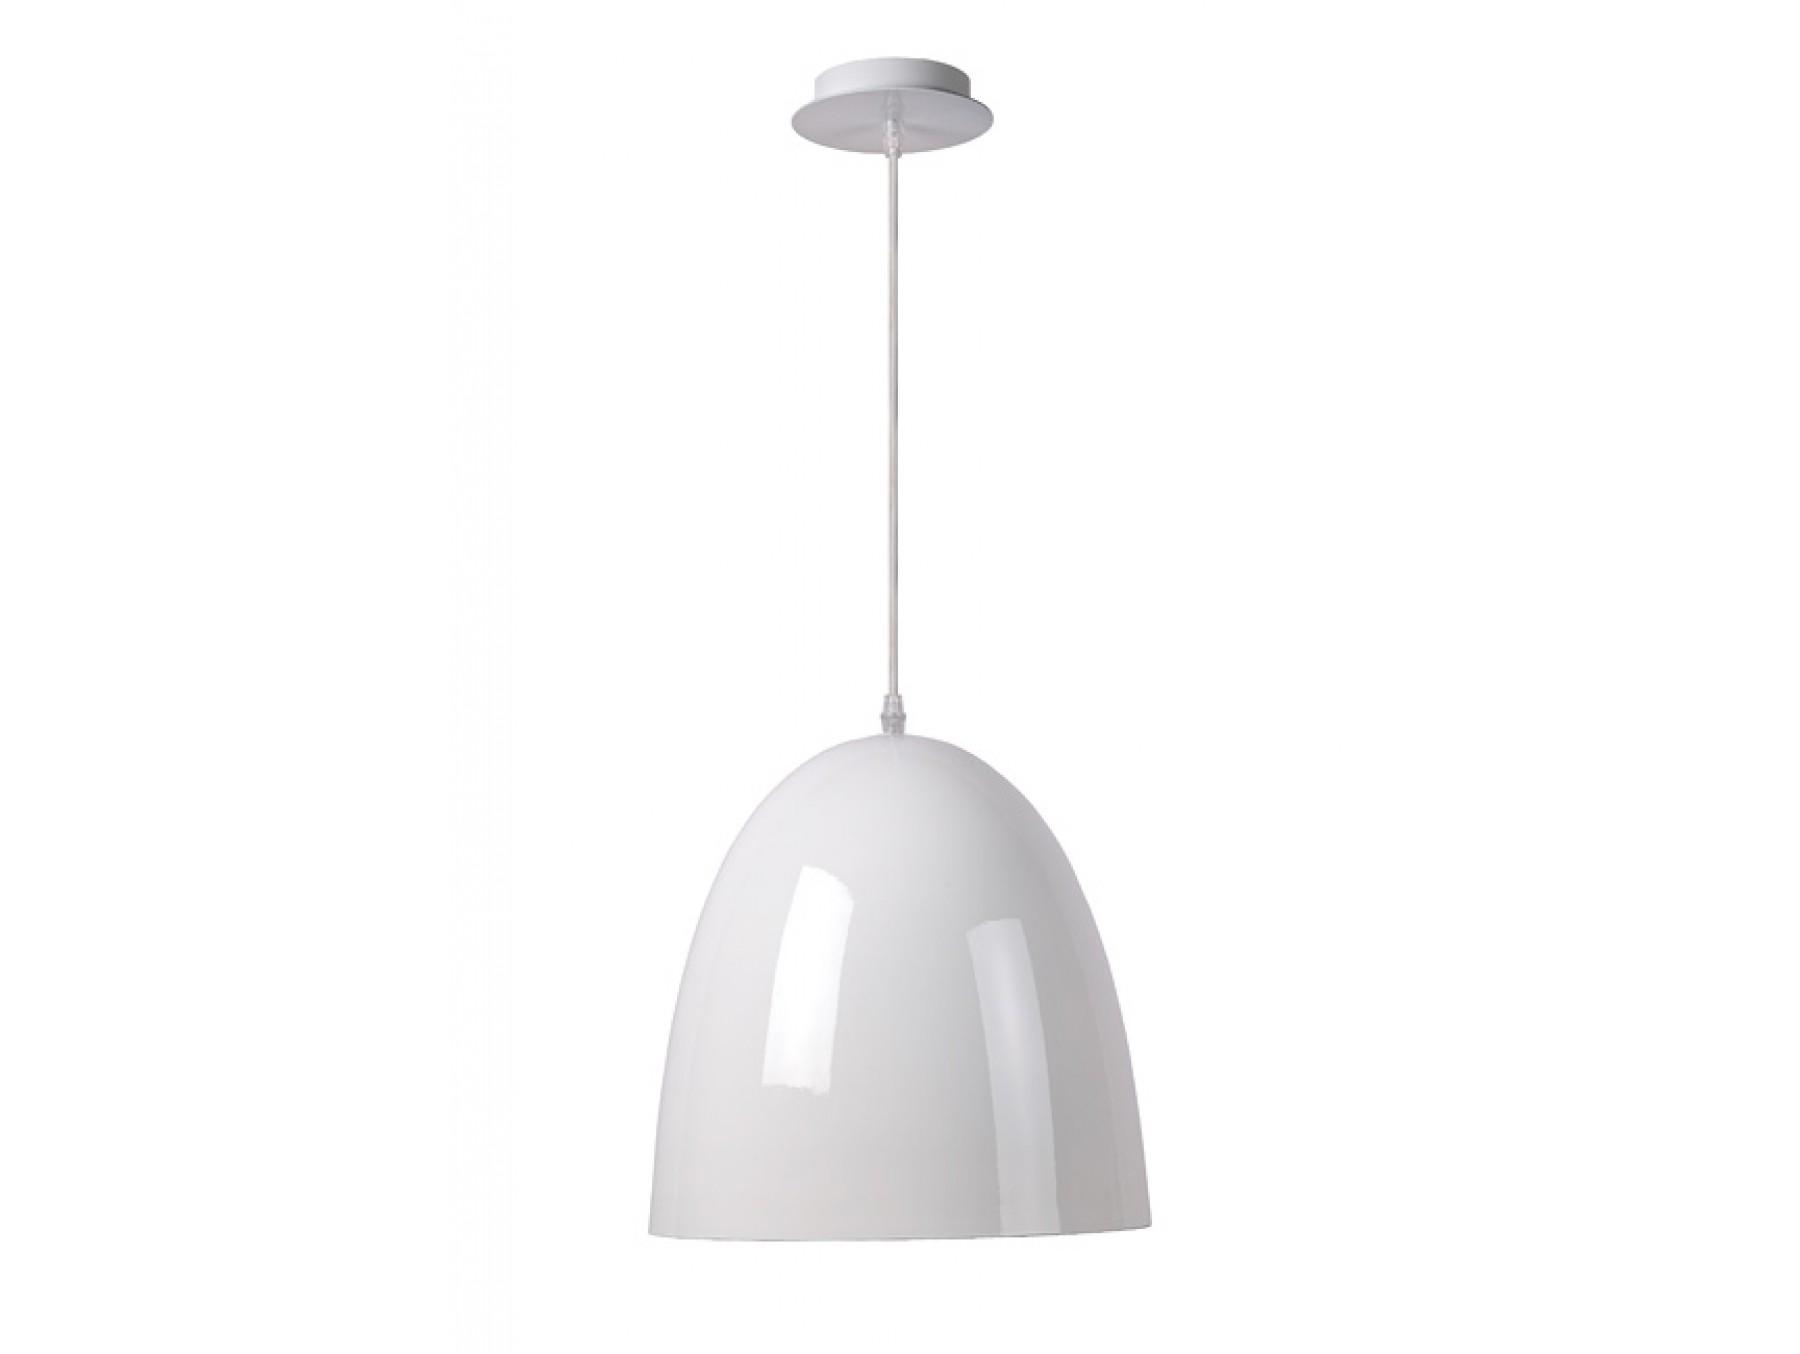 Подвесной светильник LOKOПодвесные светильники<br>основание: металл<br>плафон: металл/белый<br>диаметр: 30 см<br>высота: 120 см<br>Е27, 60W, 1 лампочка (в комплект не входит)<br><br>Material: Металл<br>Высота см: 120.0